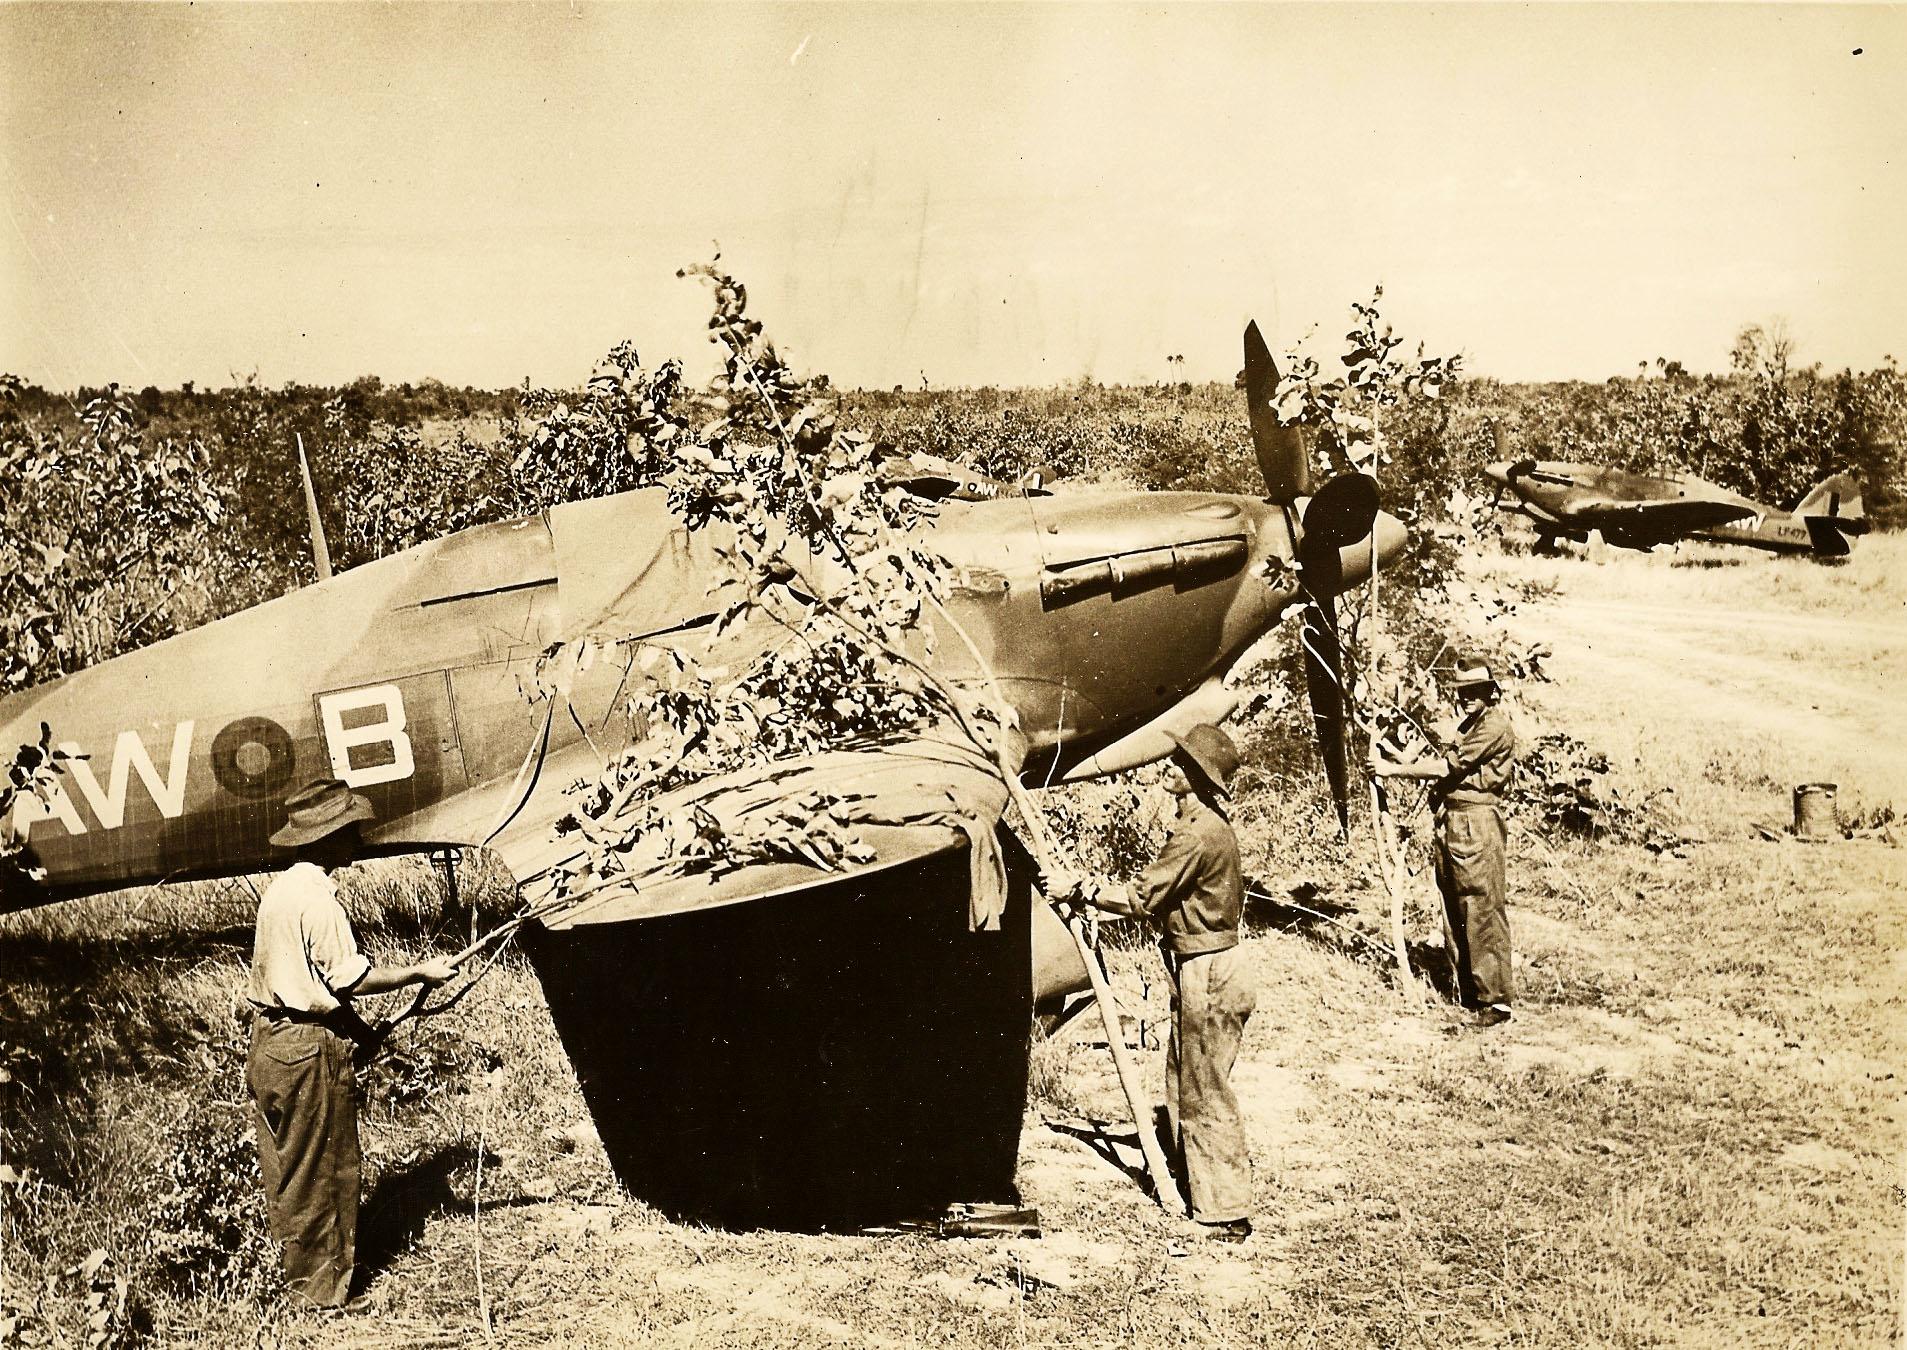 Hurricane IIc RAF 42Sqn AWB and LF479 background Burma campaign Oct 1944 45